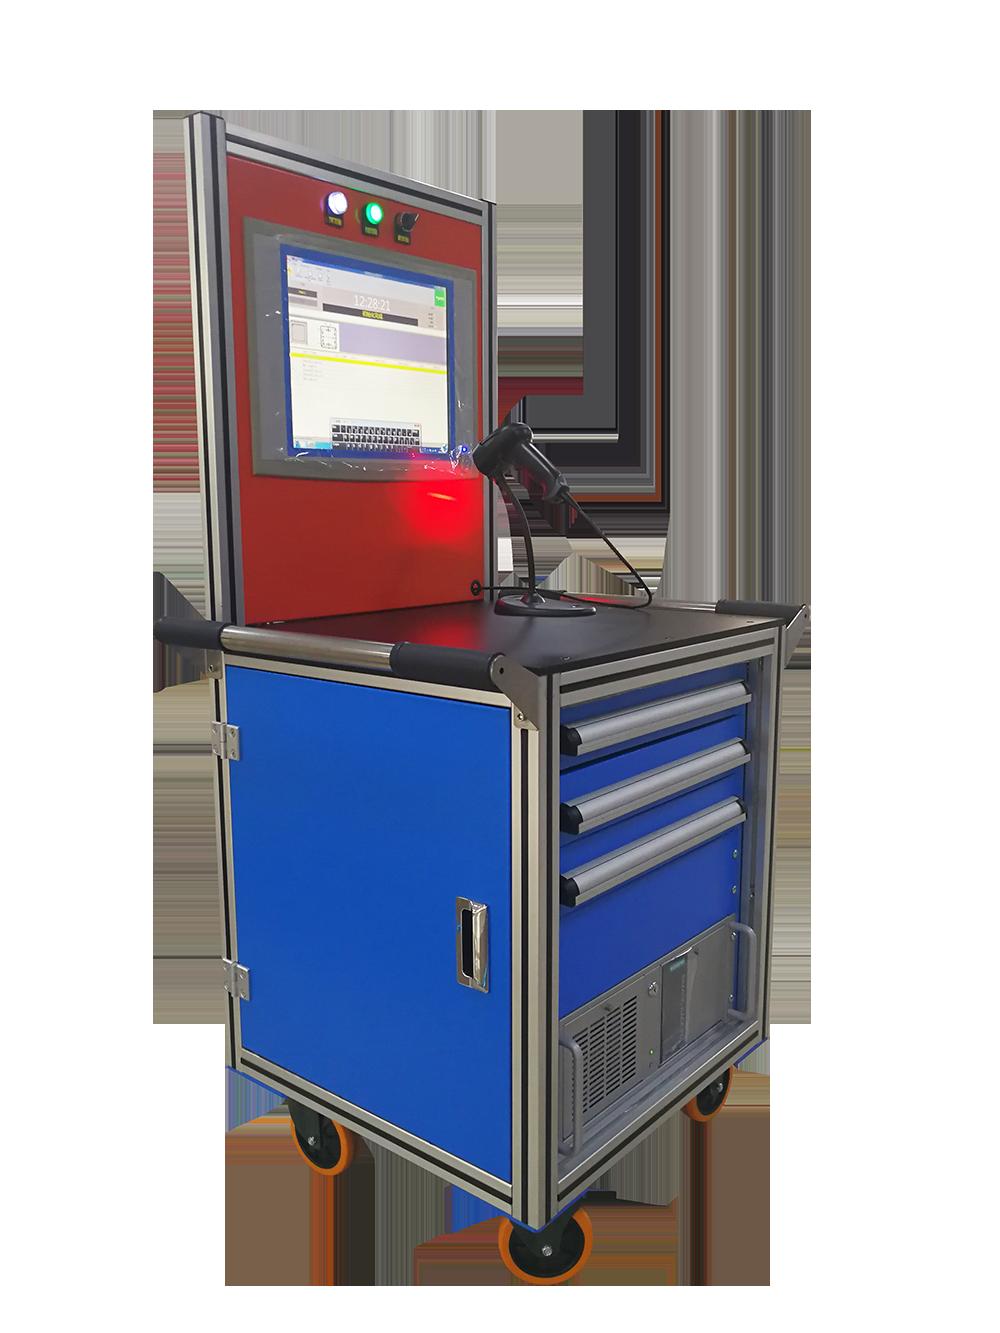 智能工具车_智能工具管理专家-ITC501